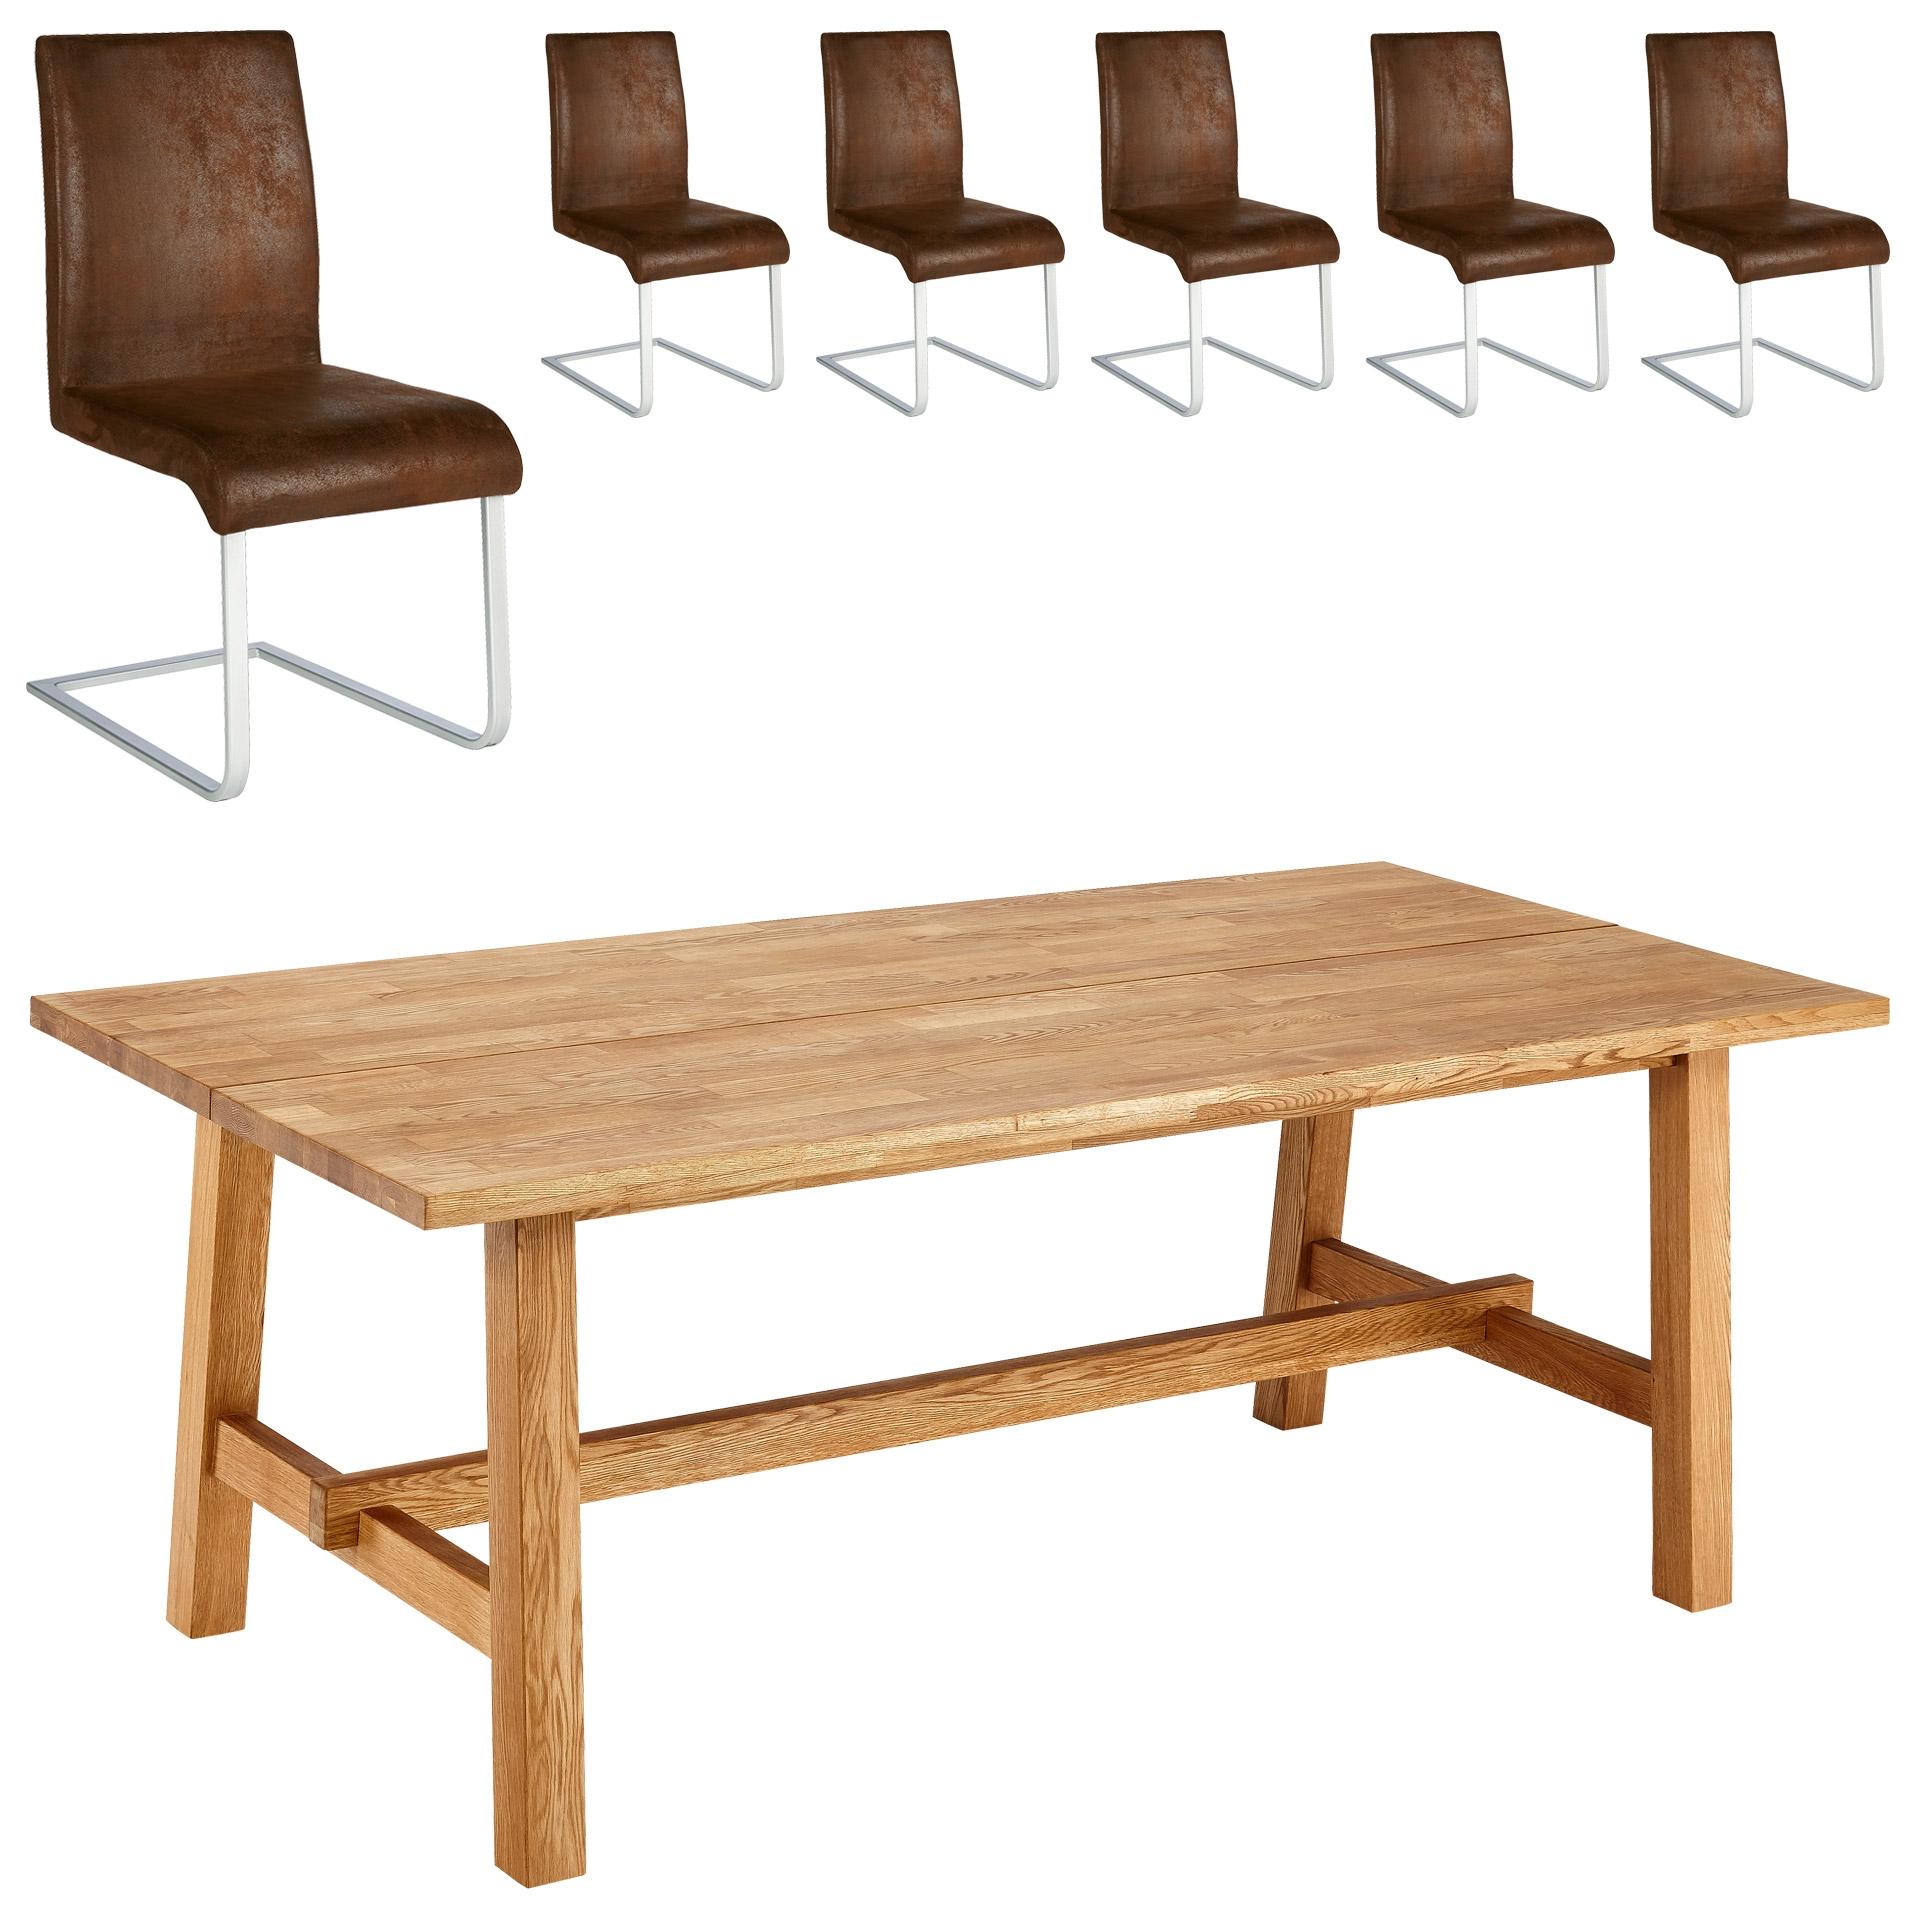 essgruppe lendrup move 200 95 6 st hle antik. Black Bedroom Furniture Sets. Home Design Ideas